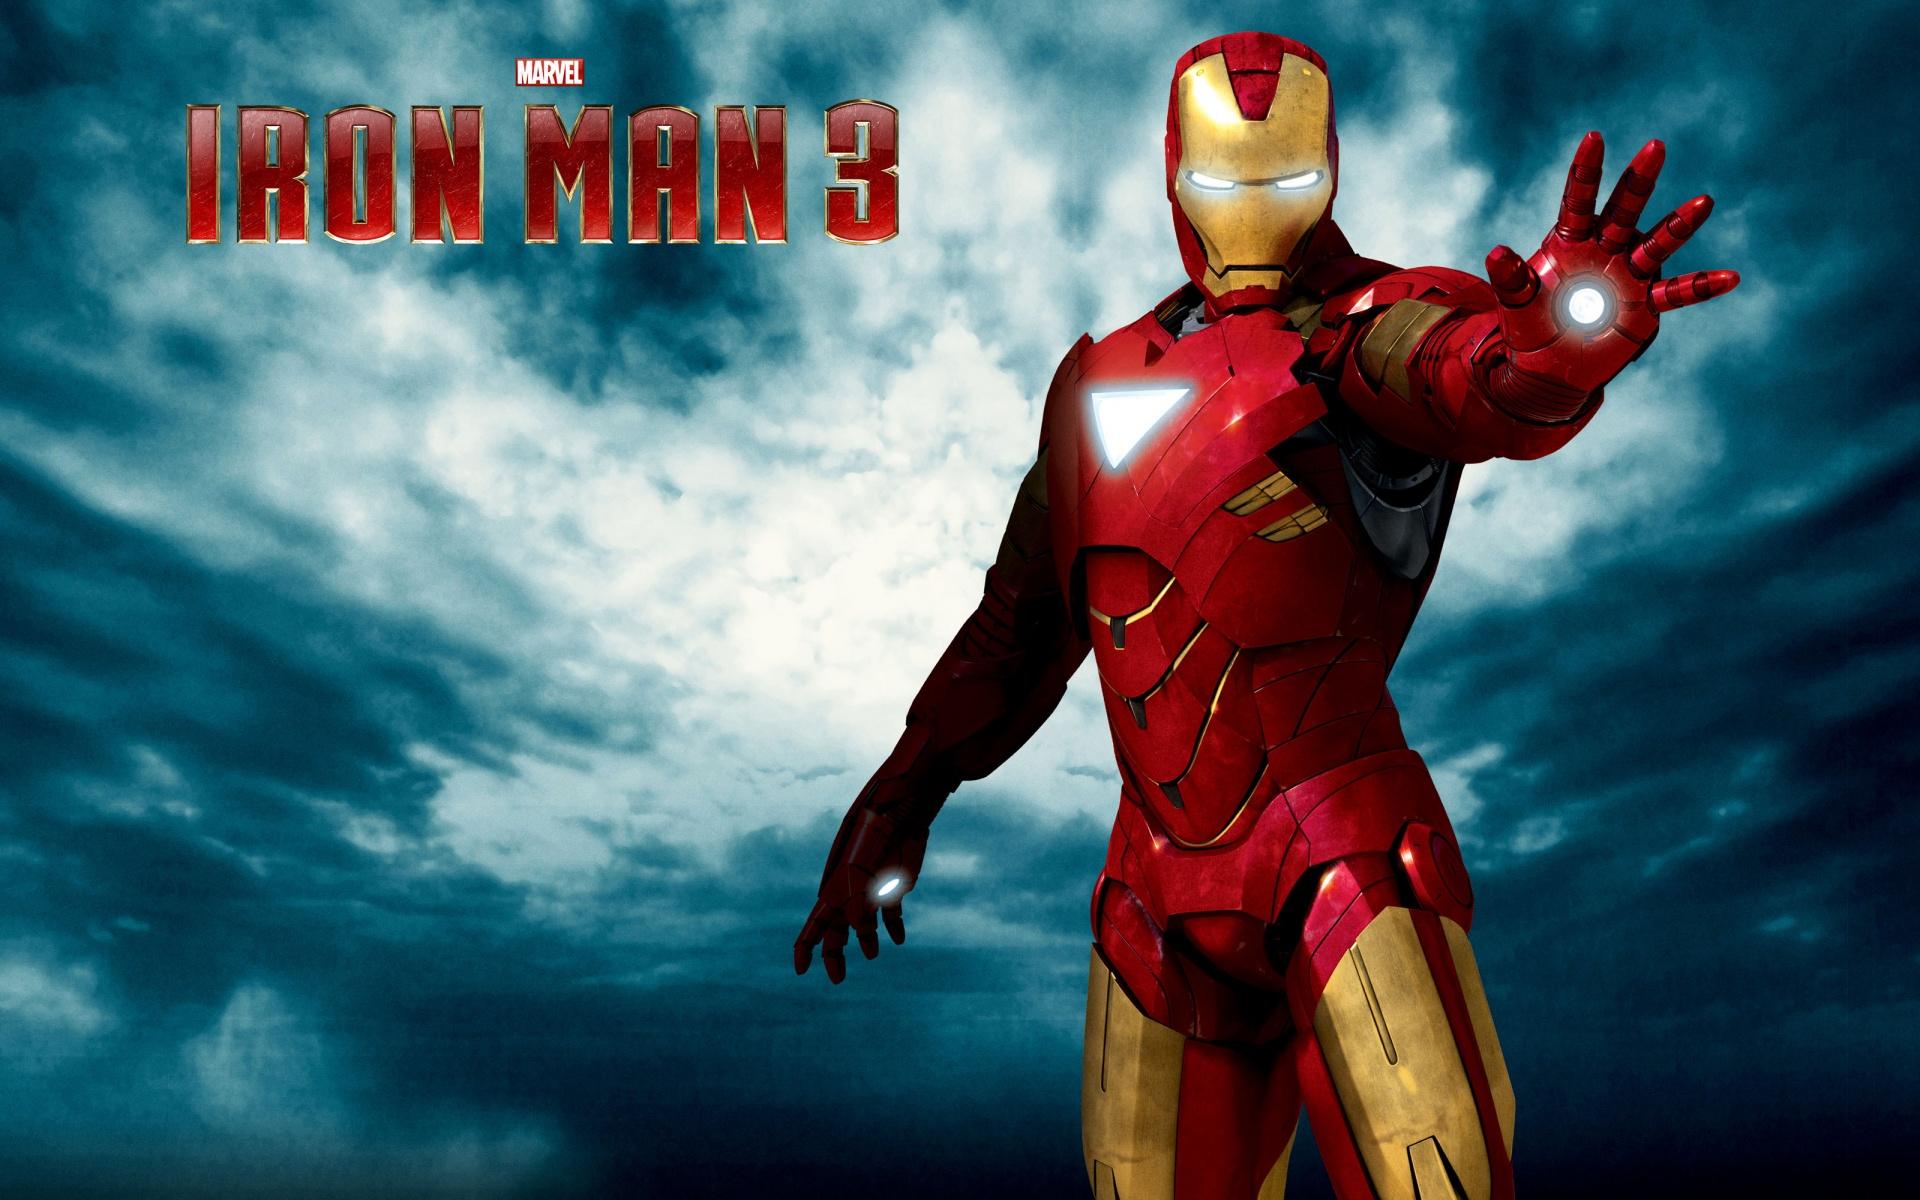 Download iron man 3 free putlocker | download iron man 3 movie.